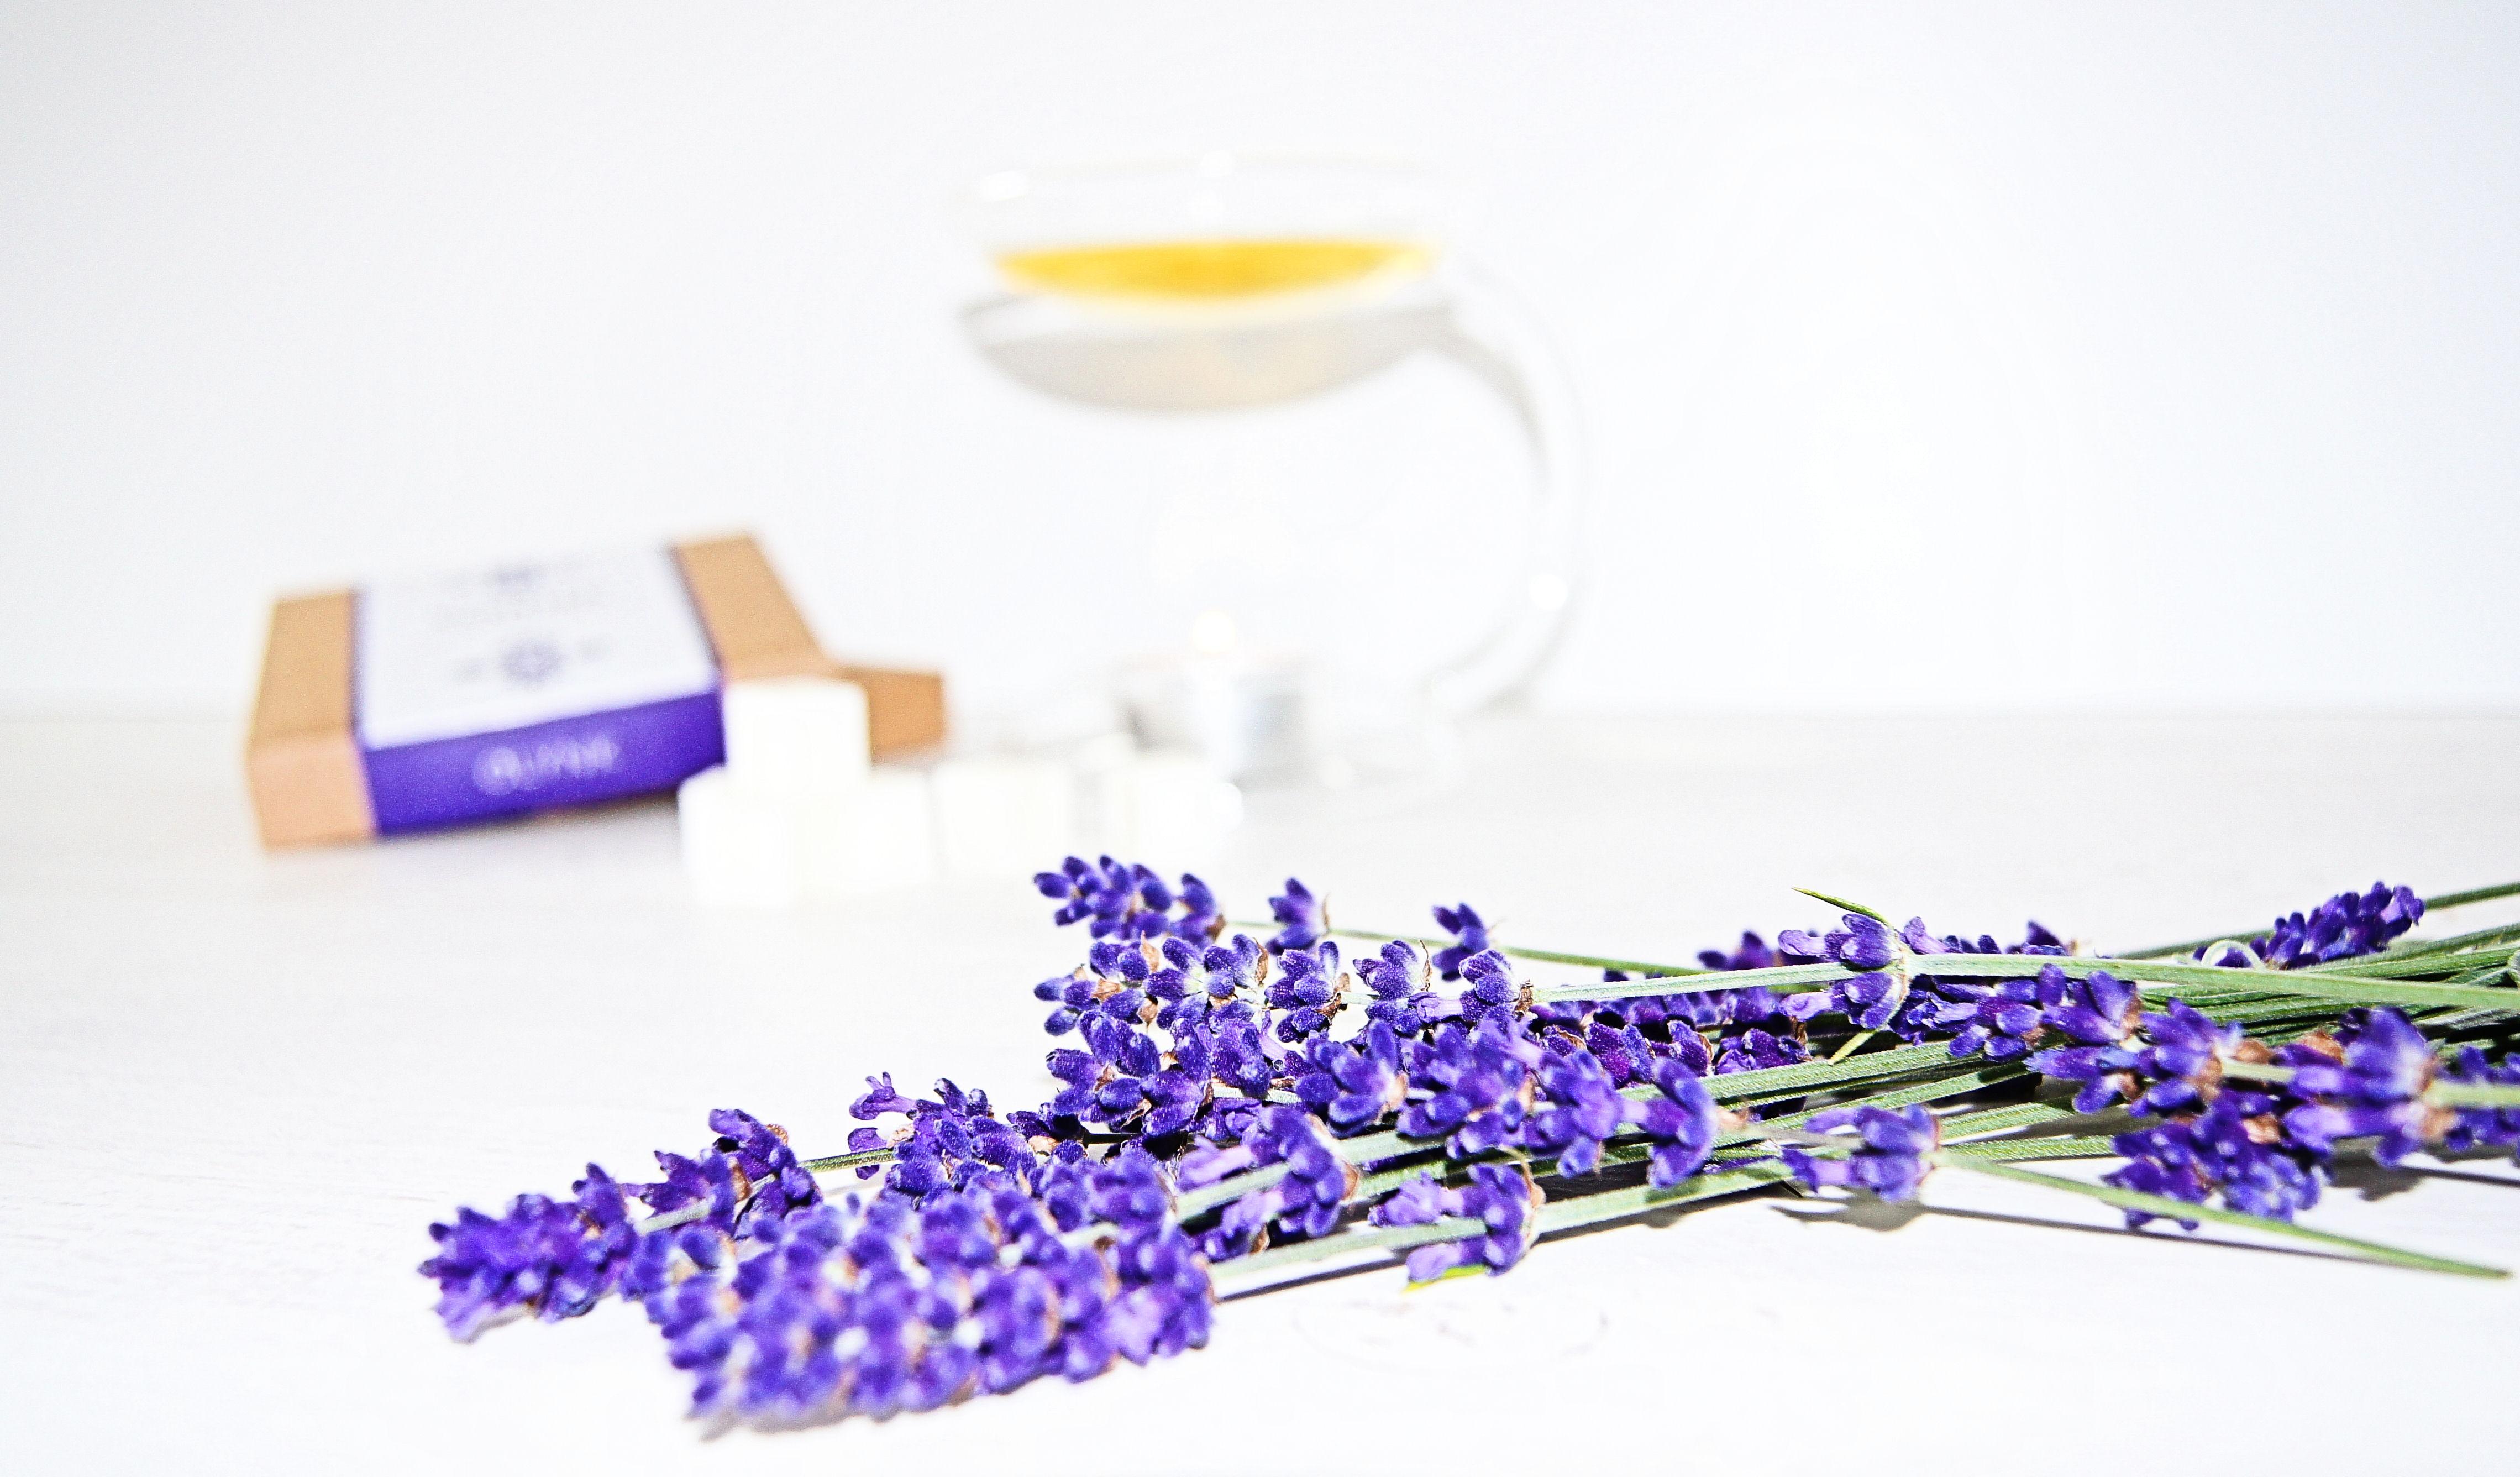 zapachy z kominkiem do aromaterapii